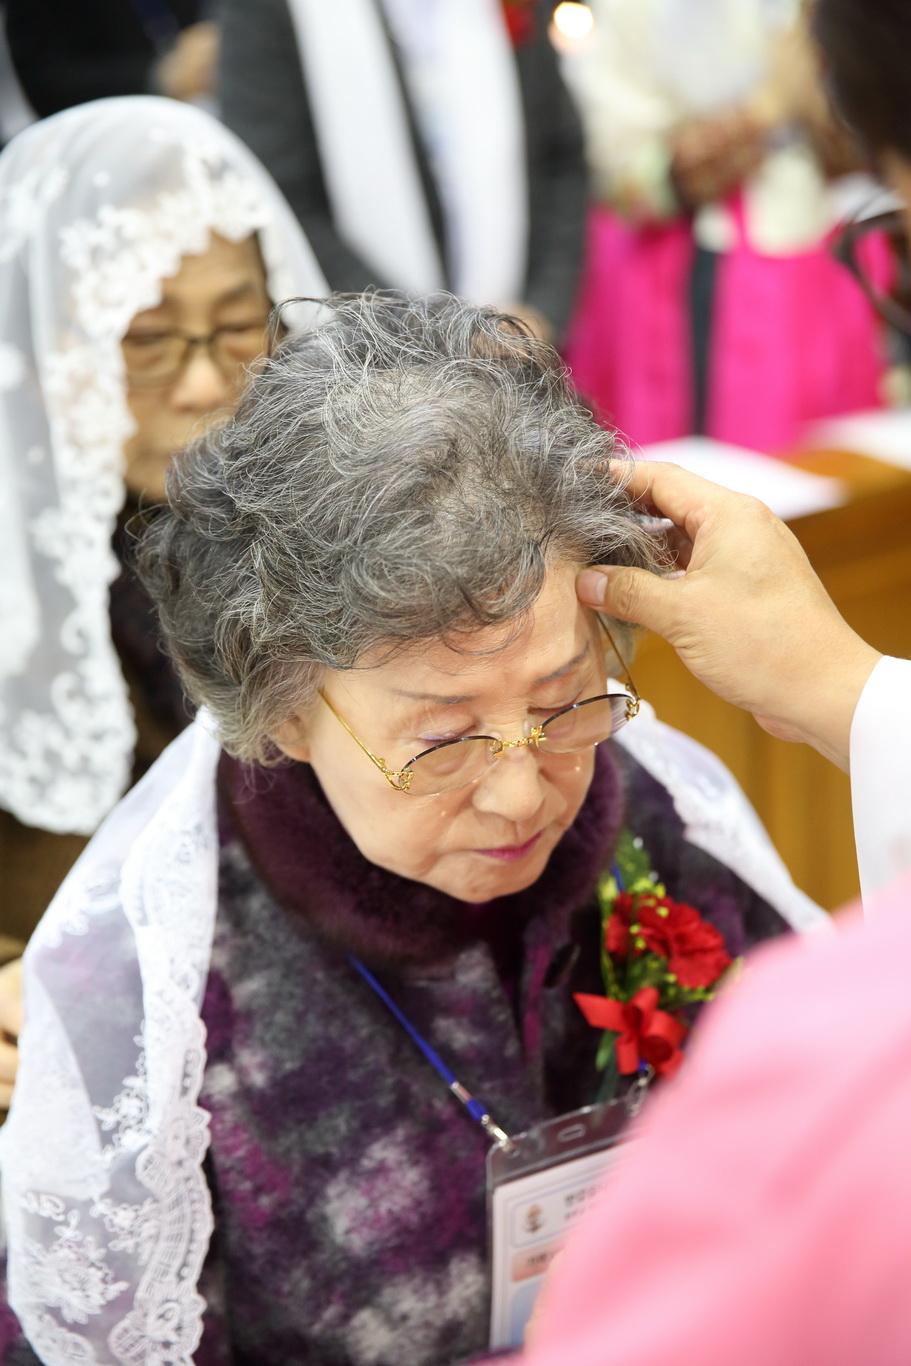 2019-12-15 세례식 (032)_크기변경.JPG